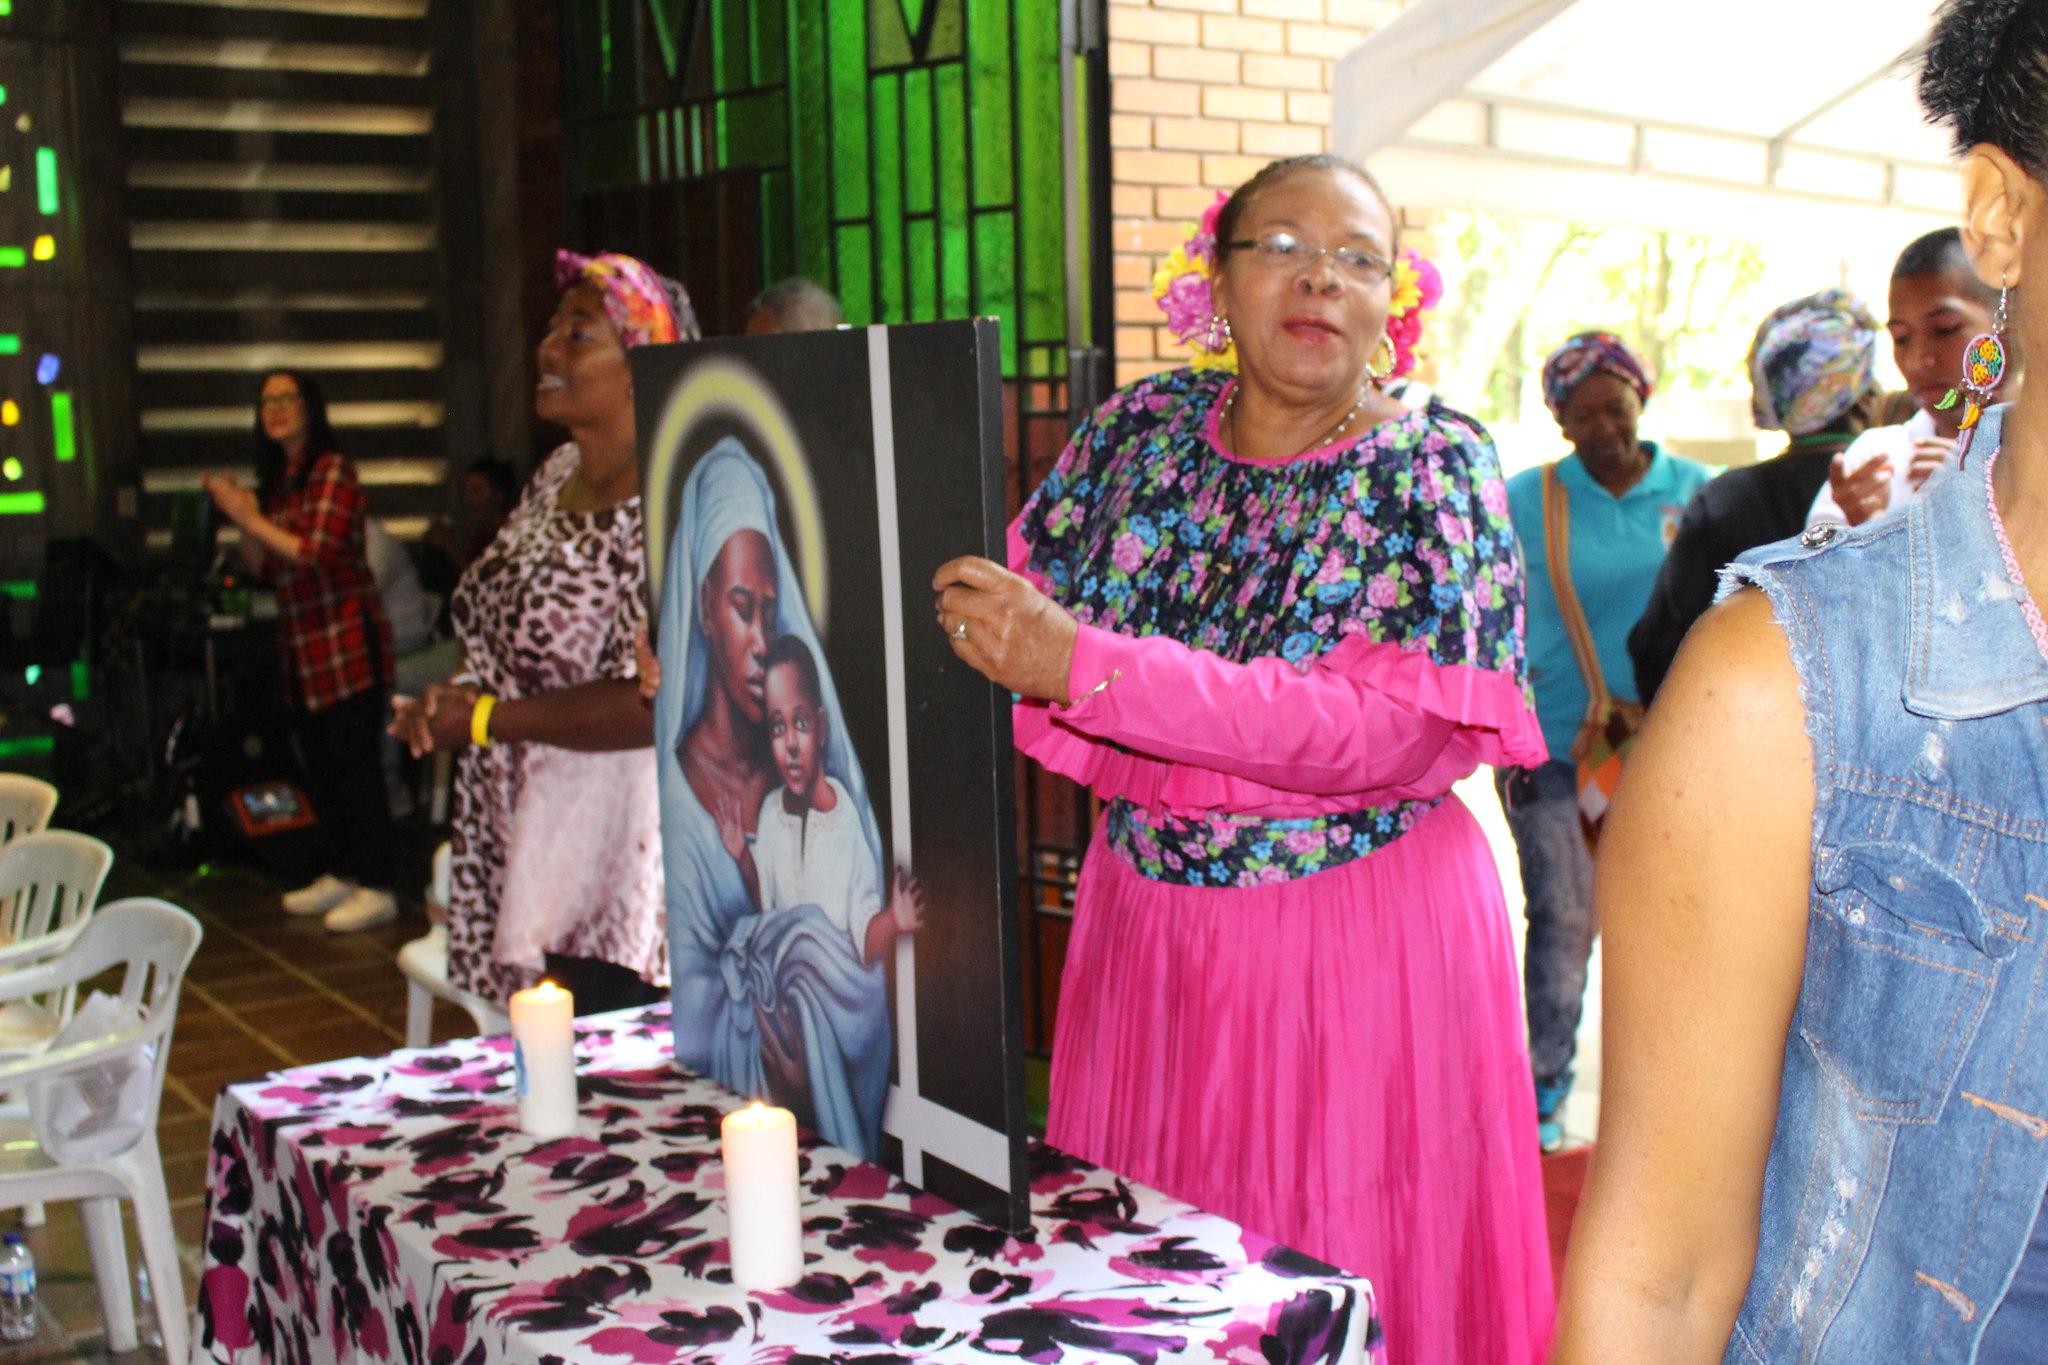 La delegación de Panamá animó los cantos de la Eucaristía del día en la capilla de la USB y aprovechó para promover la Jornada Mundial de la Juventud 2019. Una de sus representantes sostiene el cuadro de María mafa, símbolo de la Pastoral Afro Cali.